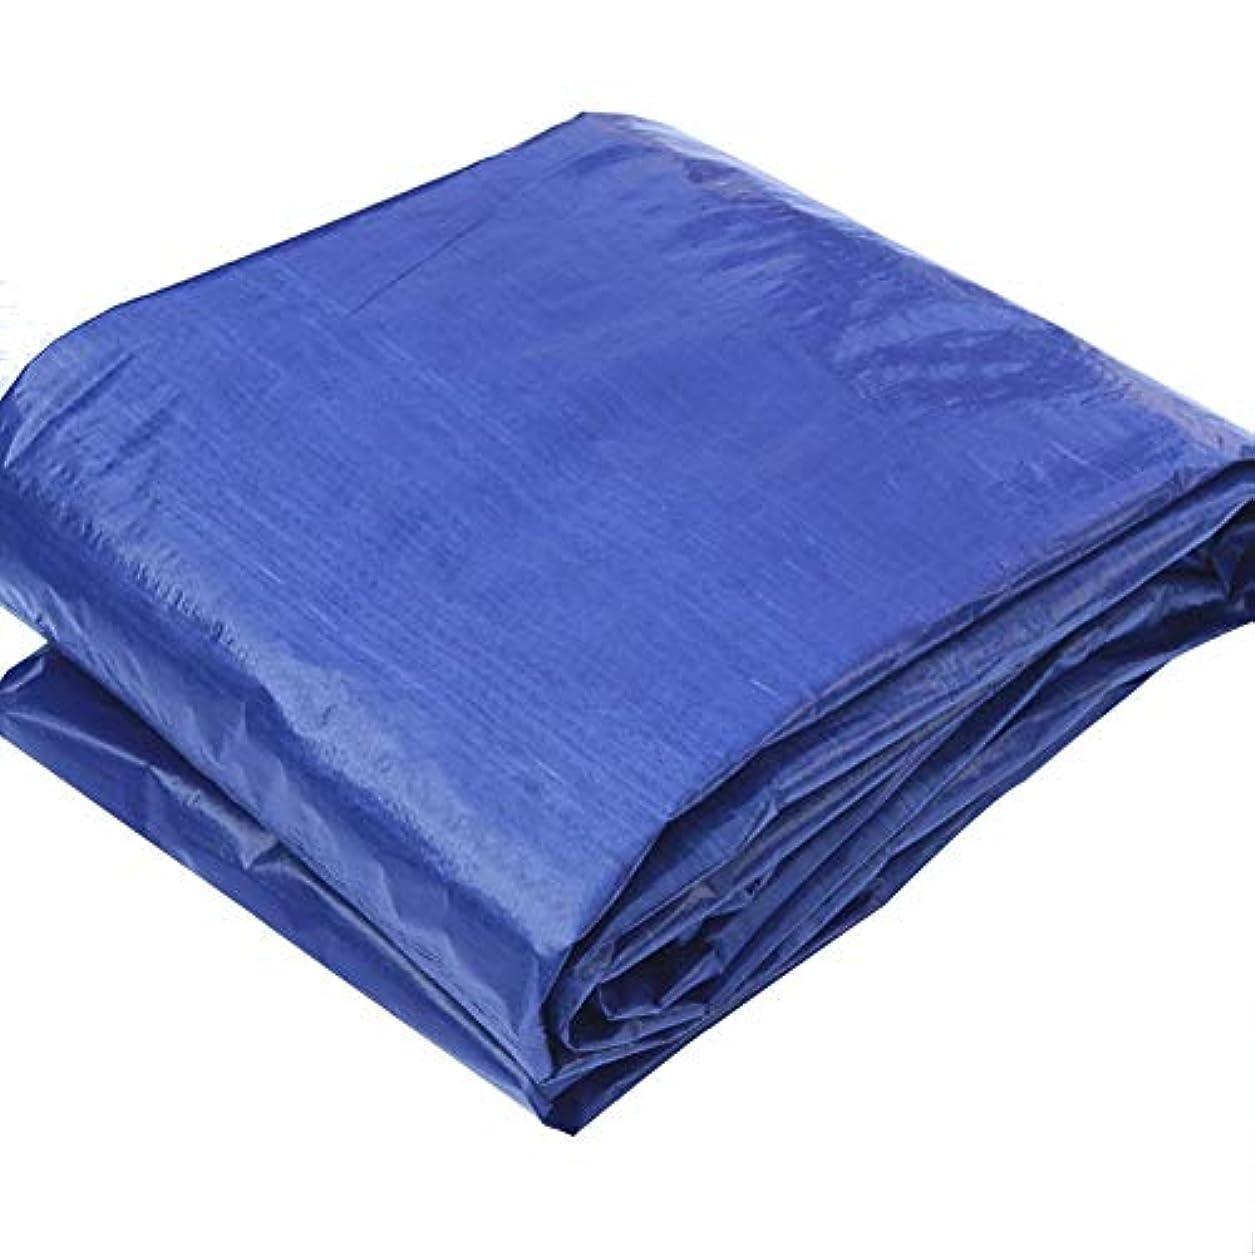 急襲正直塩辛い19-yiruculture 防雨布防水グレーブルー防水シート、プラスチック織物オーニングキャンプマット、屋外シェード防塵防風 (Color : A, サイズ : 4x6M)